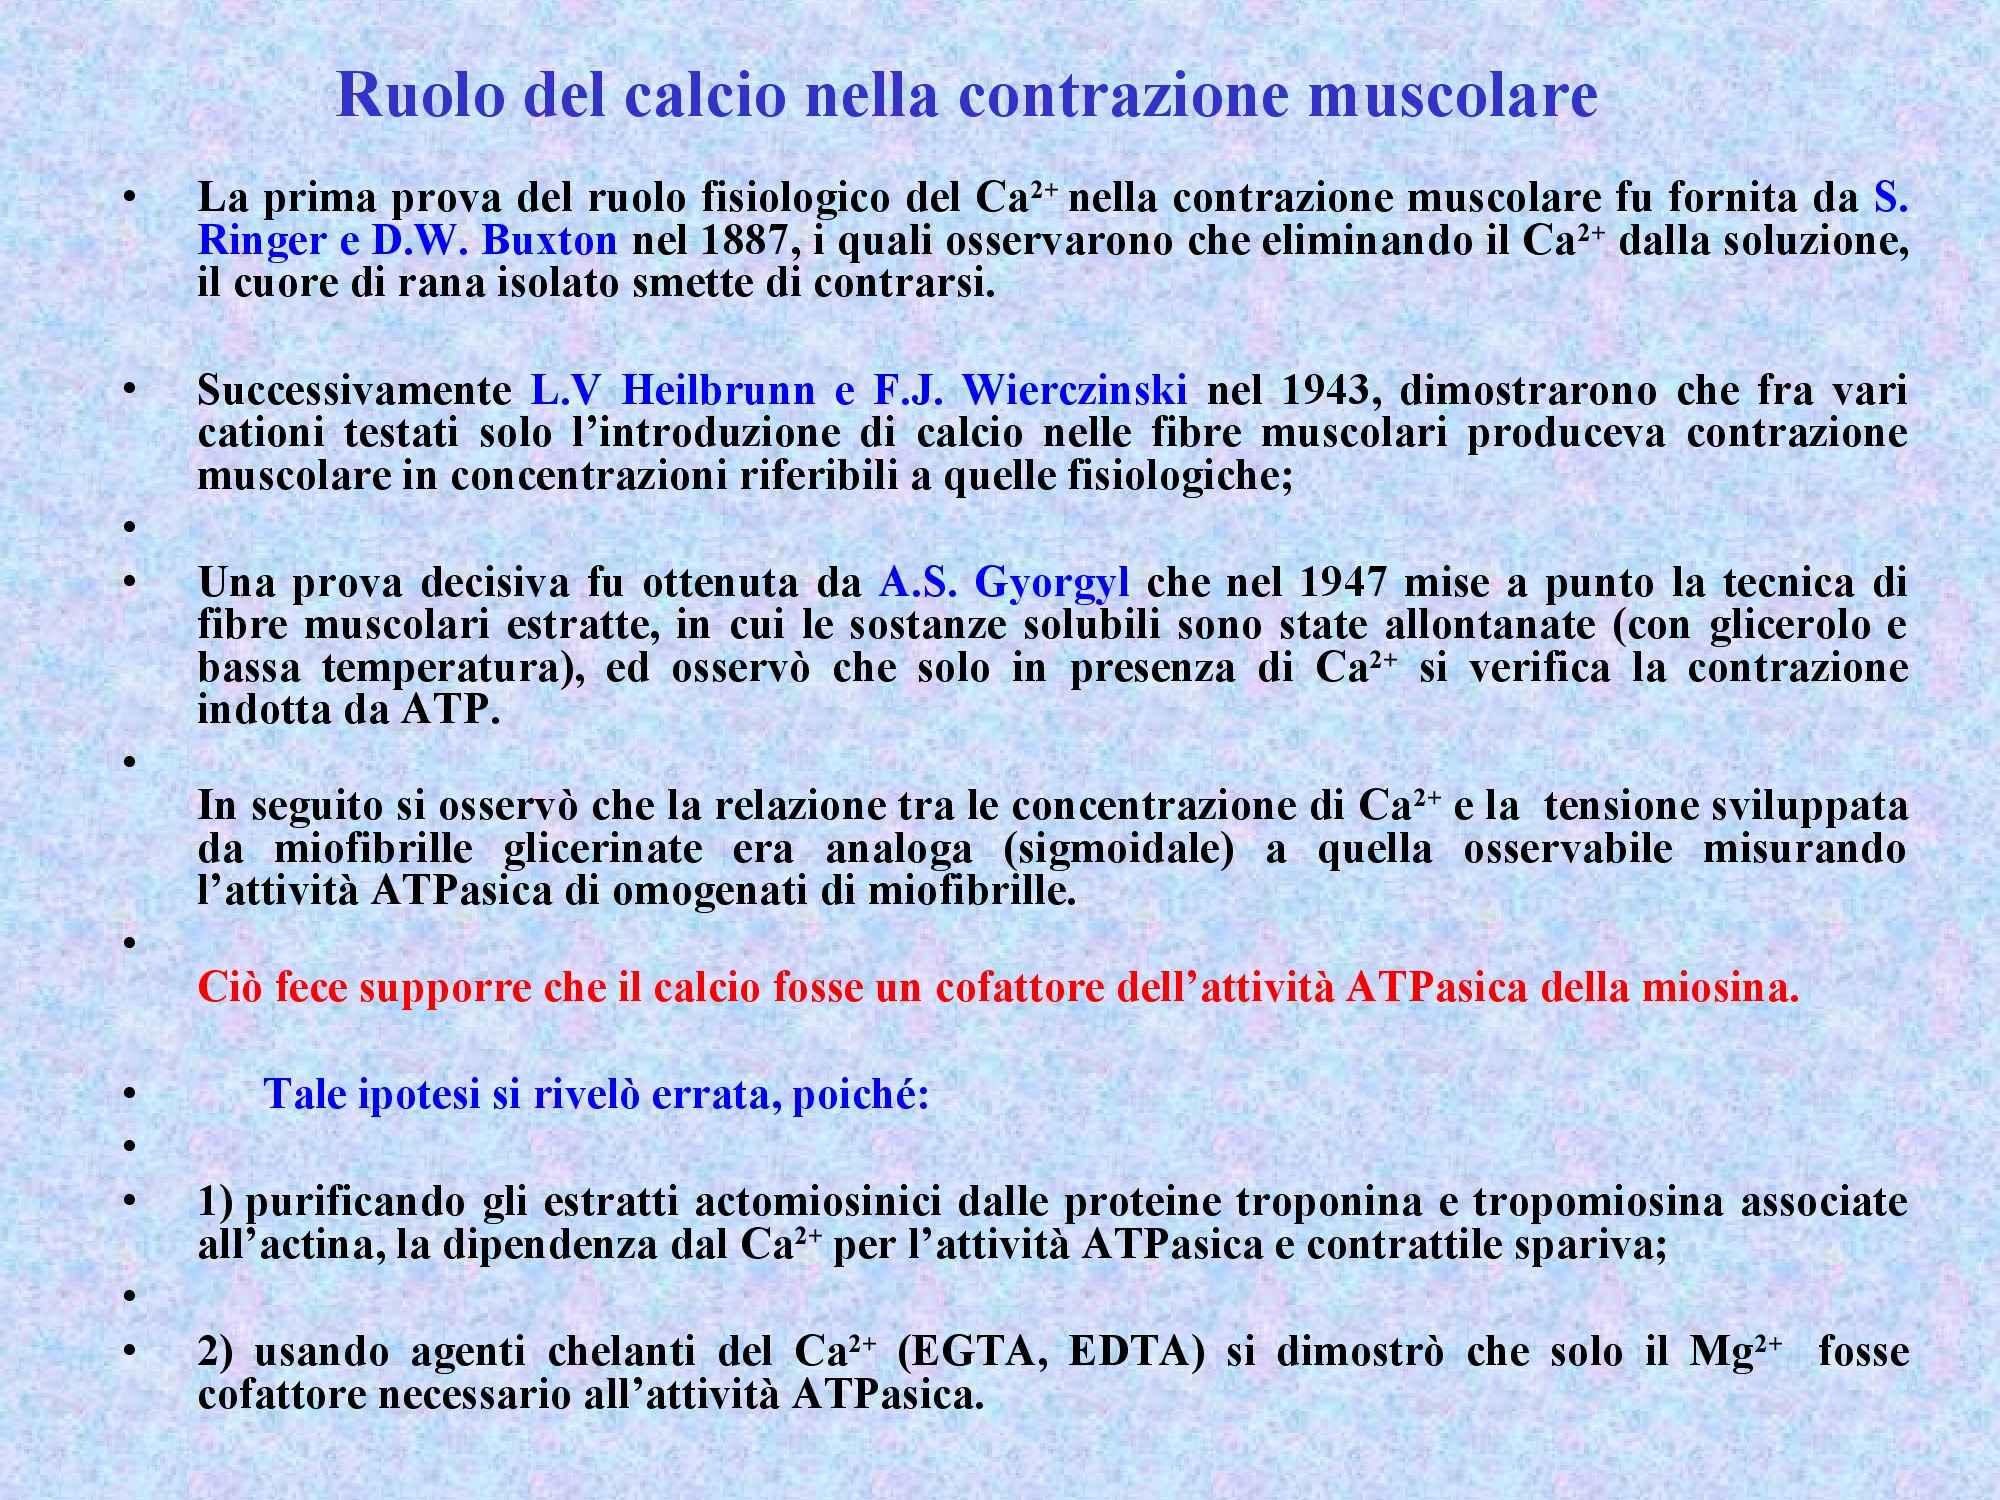 Ruolo del calcio nella contrazione muscolare - Fisiologia II